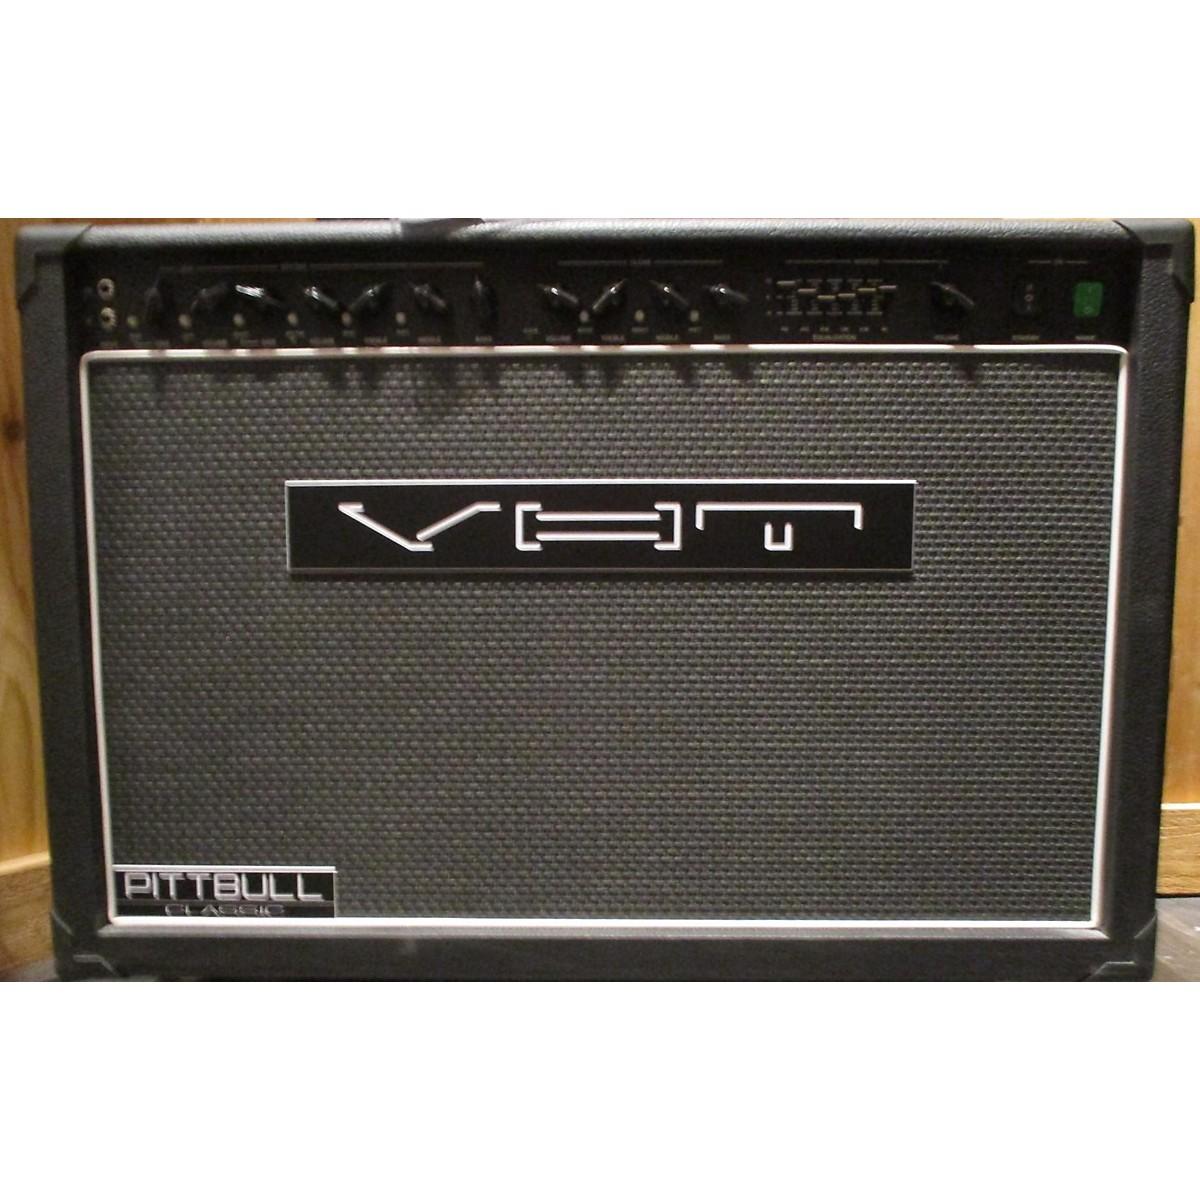 VHT PITBULL CLASSIC COMBO Tube Guitar Combo Amp